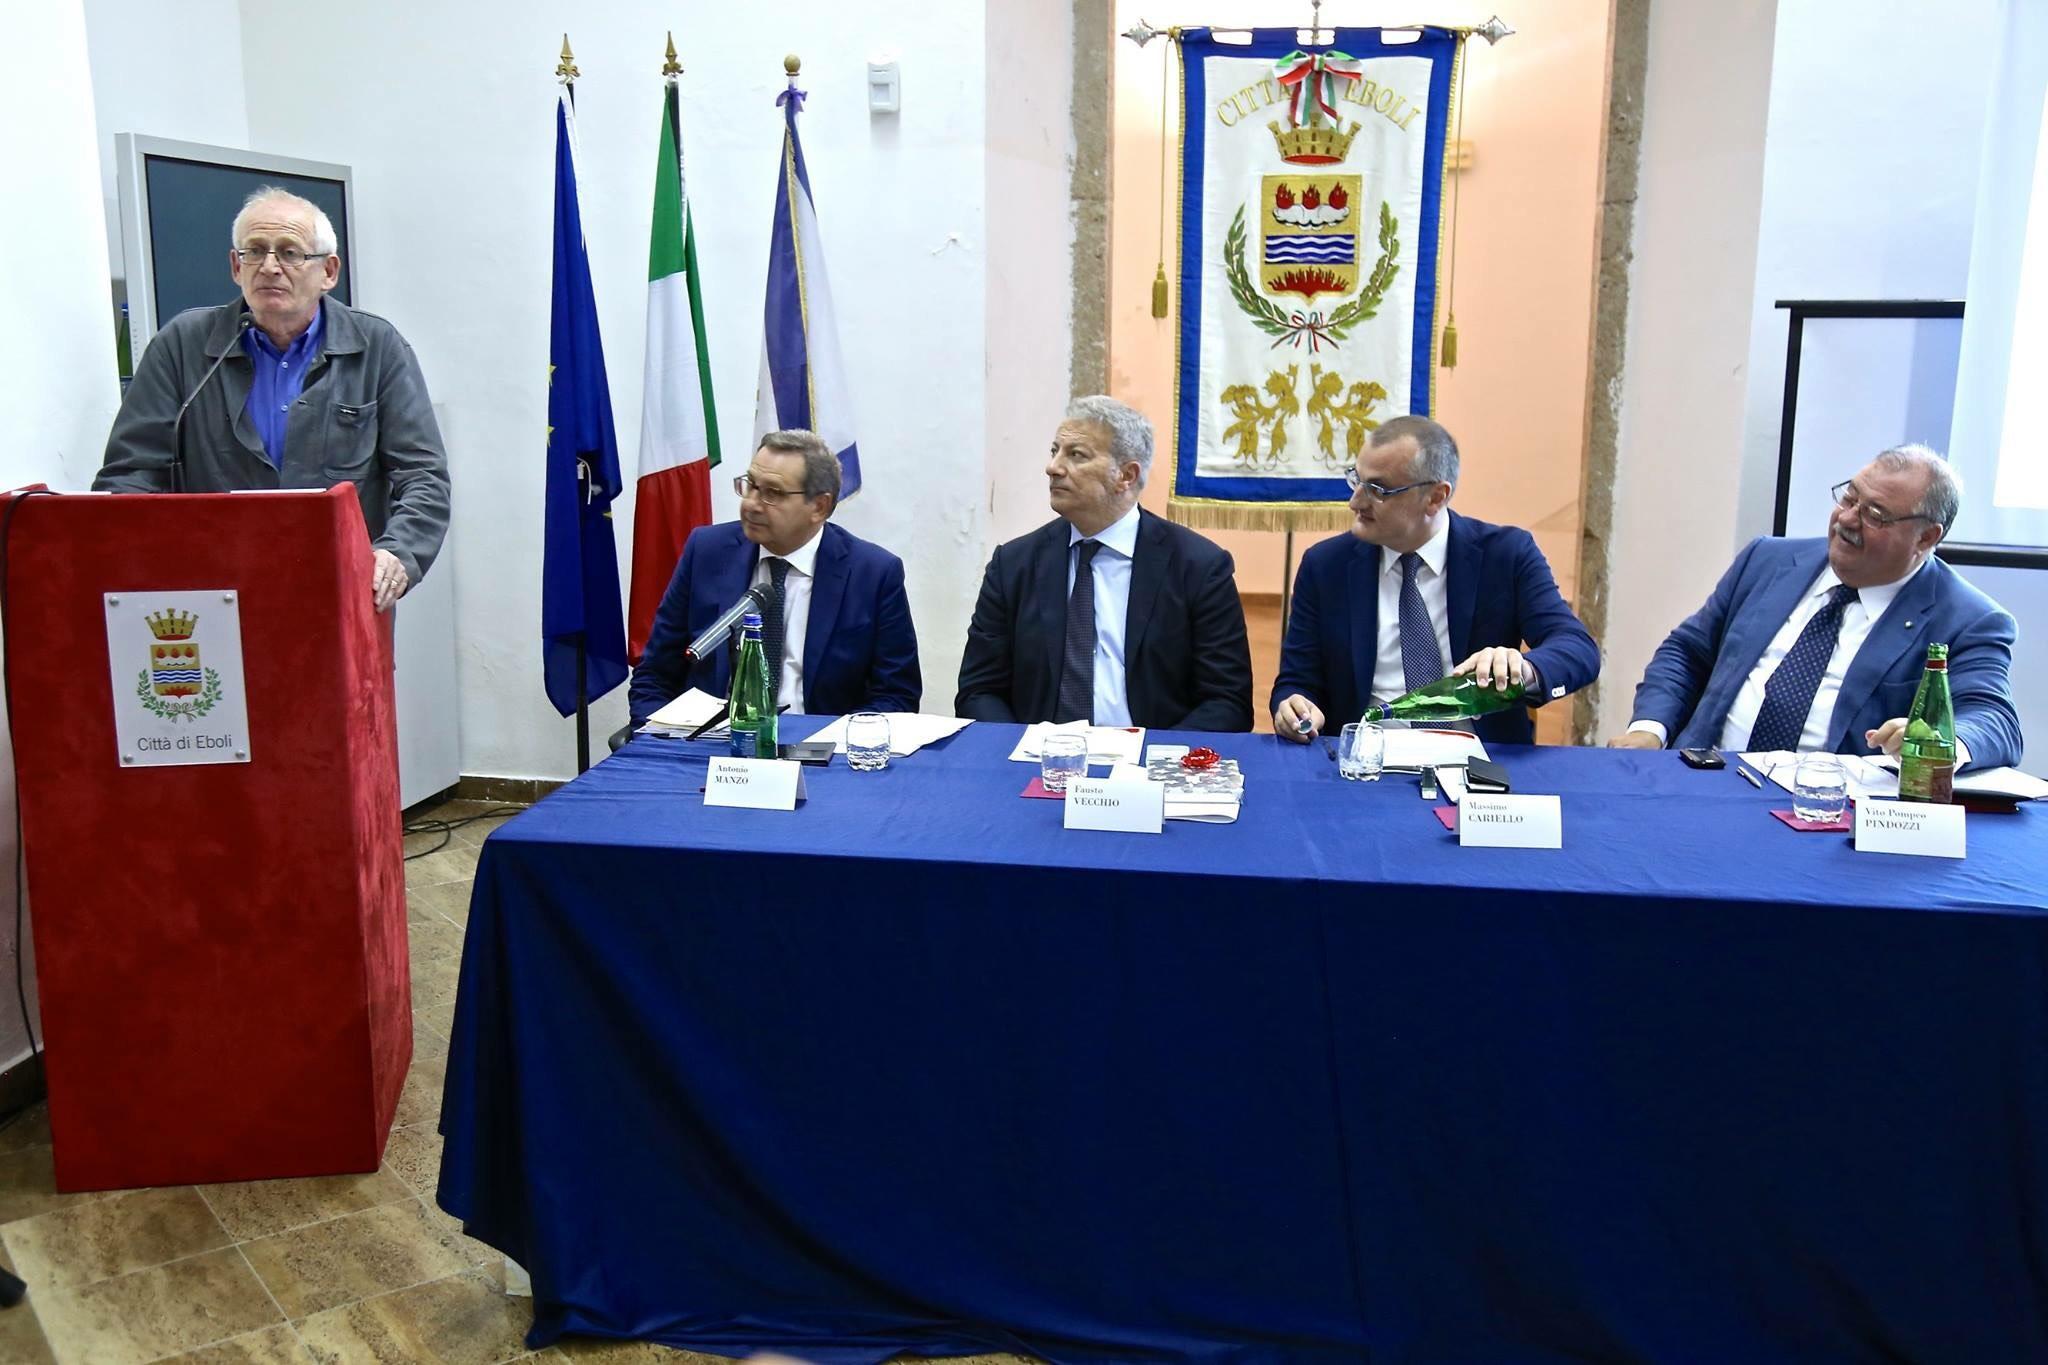 Vecchio-Massimo Cariello-Vito Pompeo Pindozzi